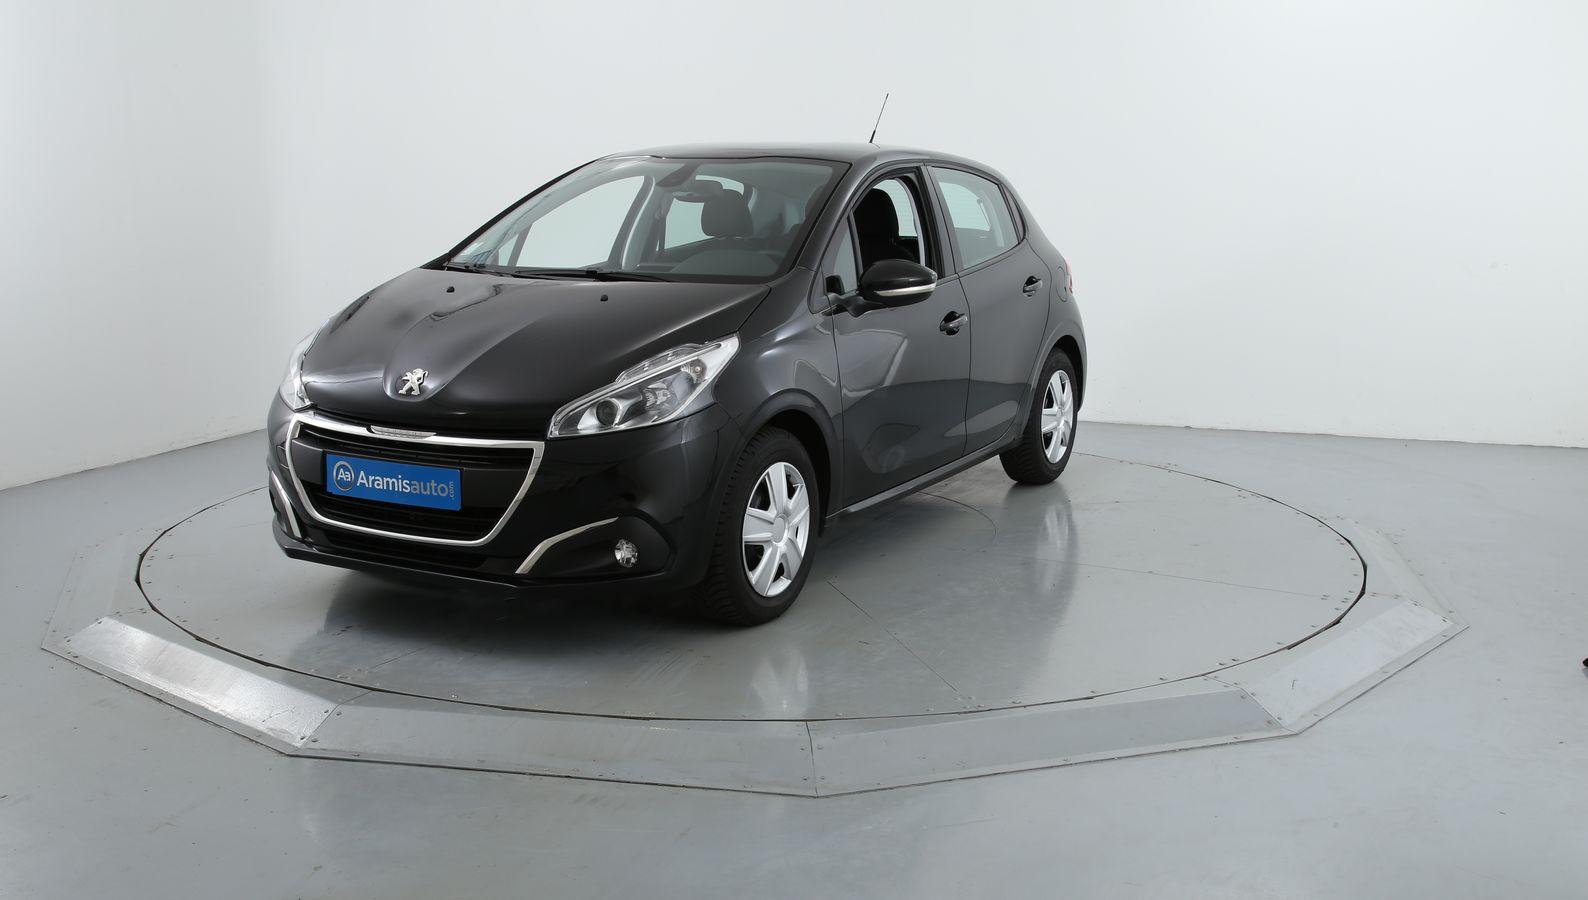 Peugeot Nouvelle Citadine Portes Essence PureTech - Prix peugeot 208 neuve essence 5 portes